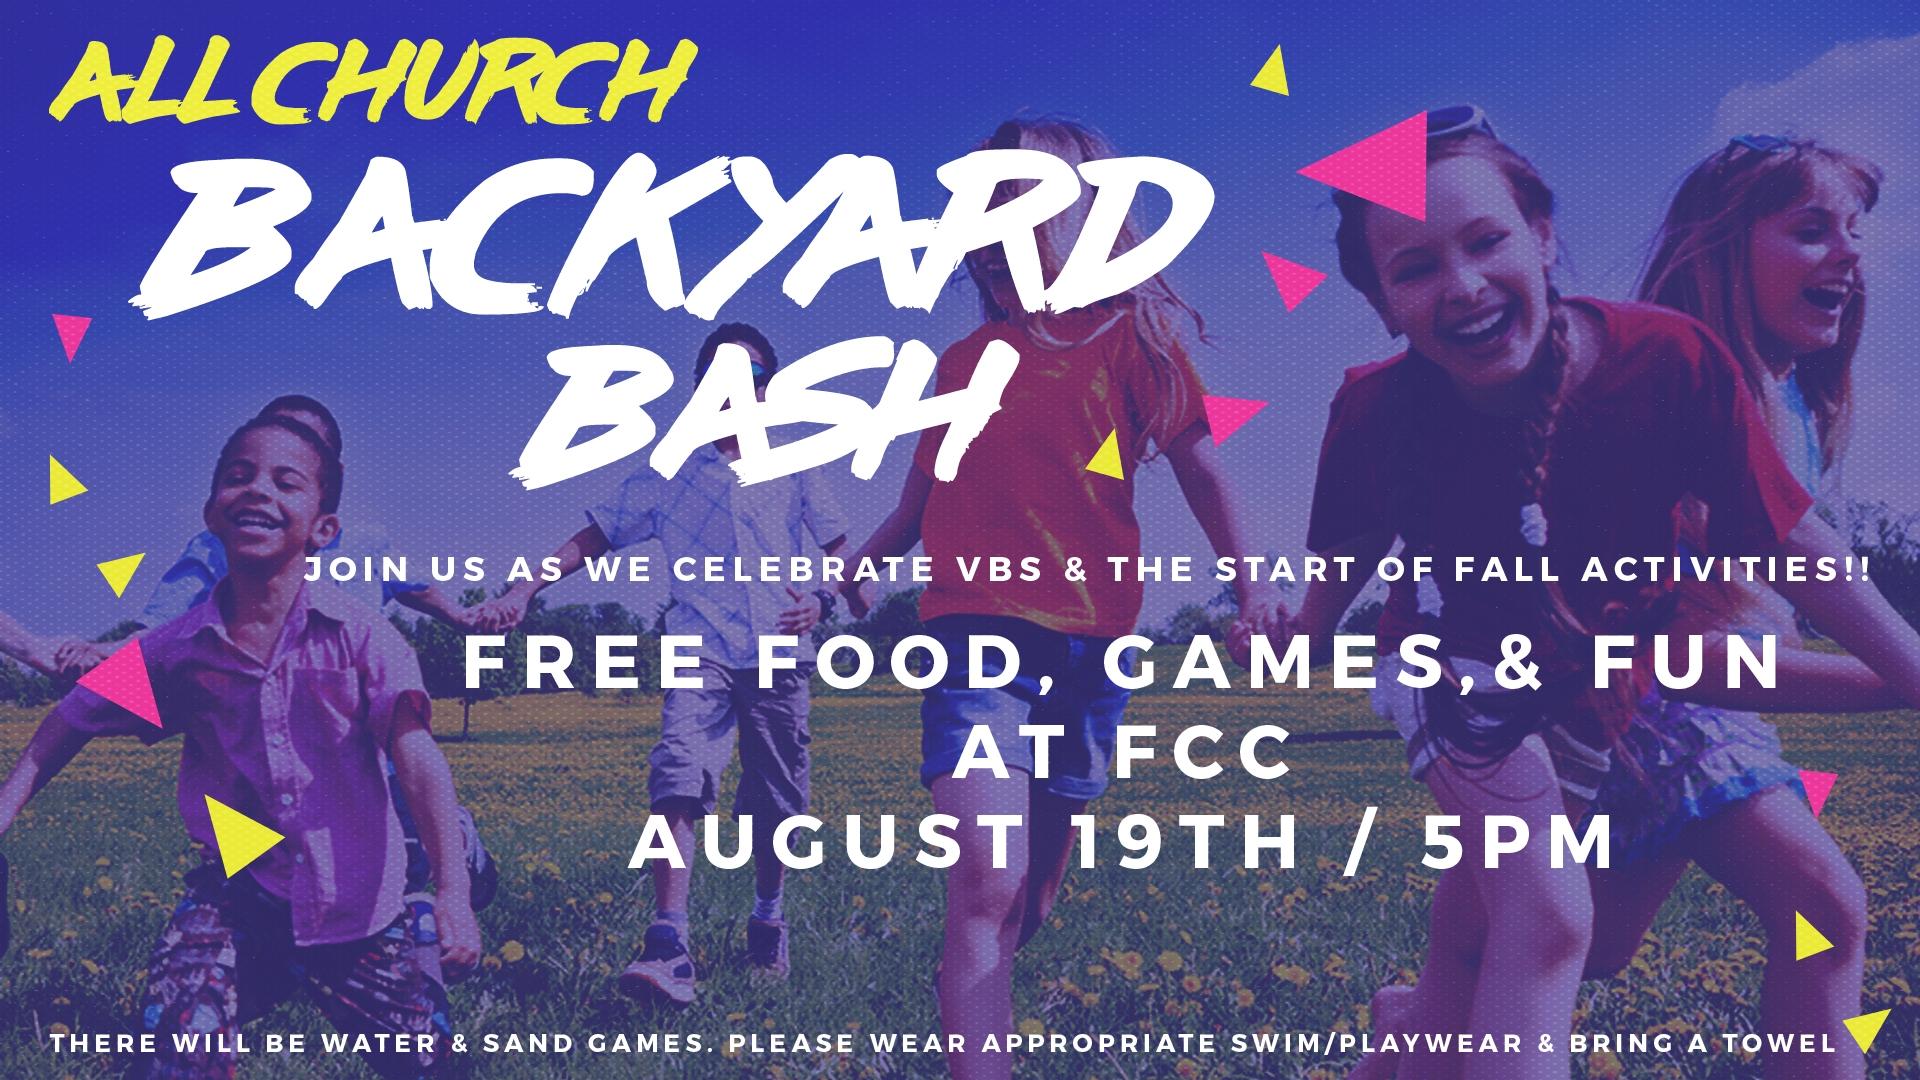 All Church Backyard Bash Fcc Washington